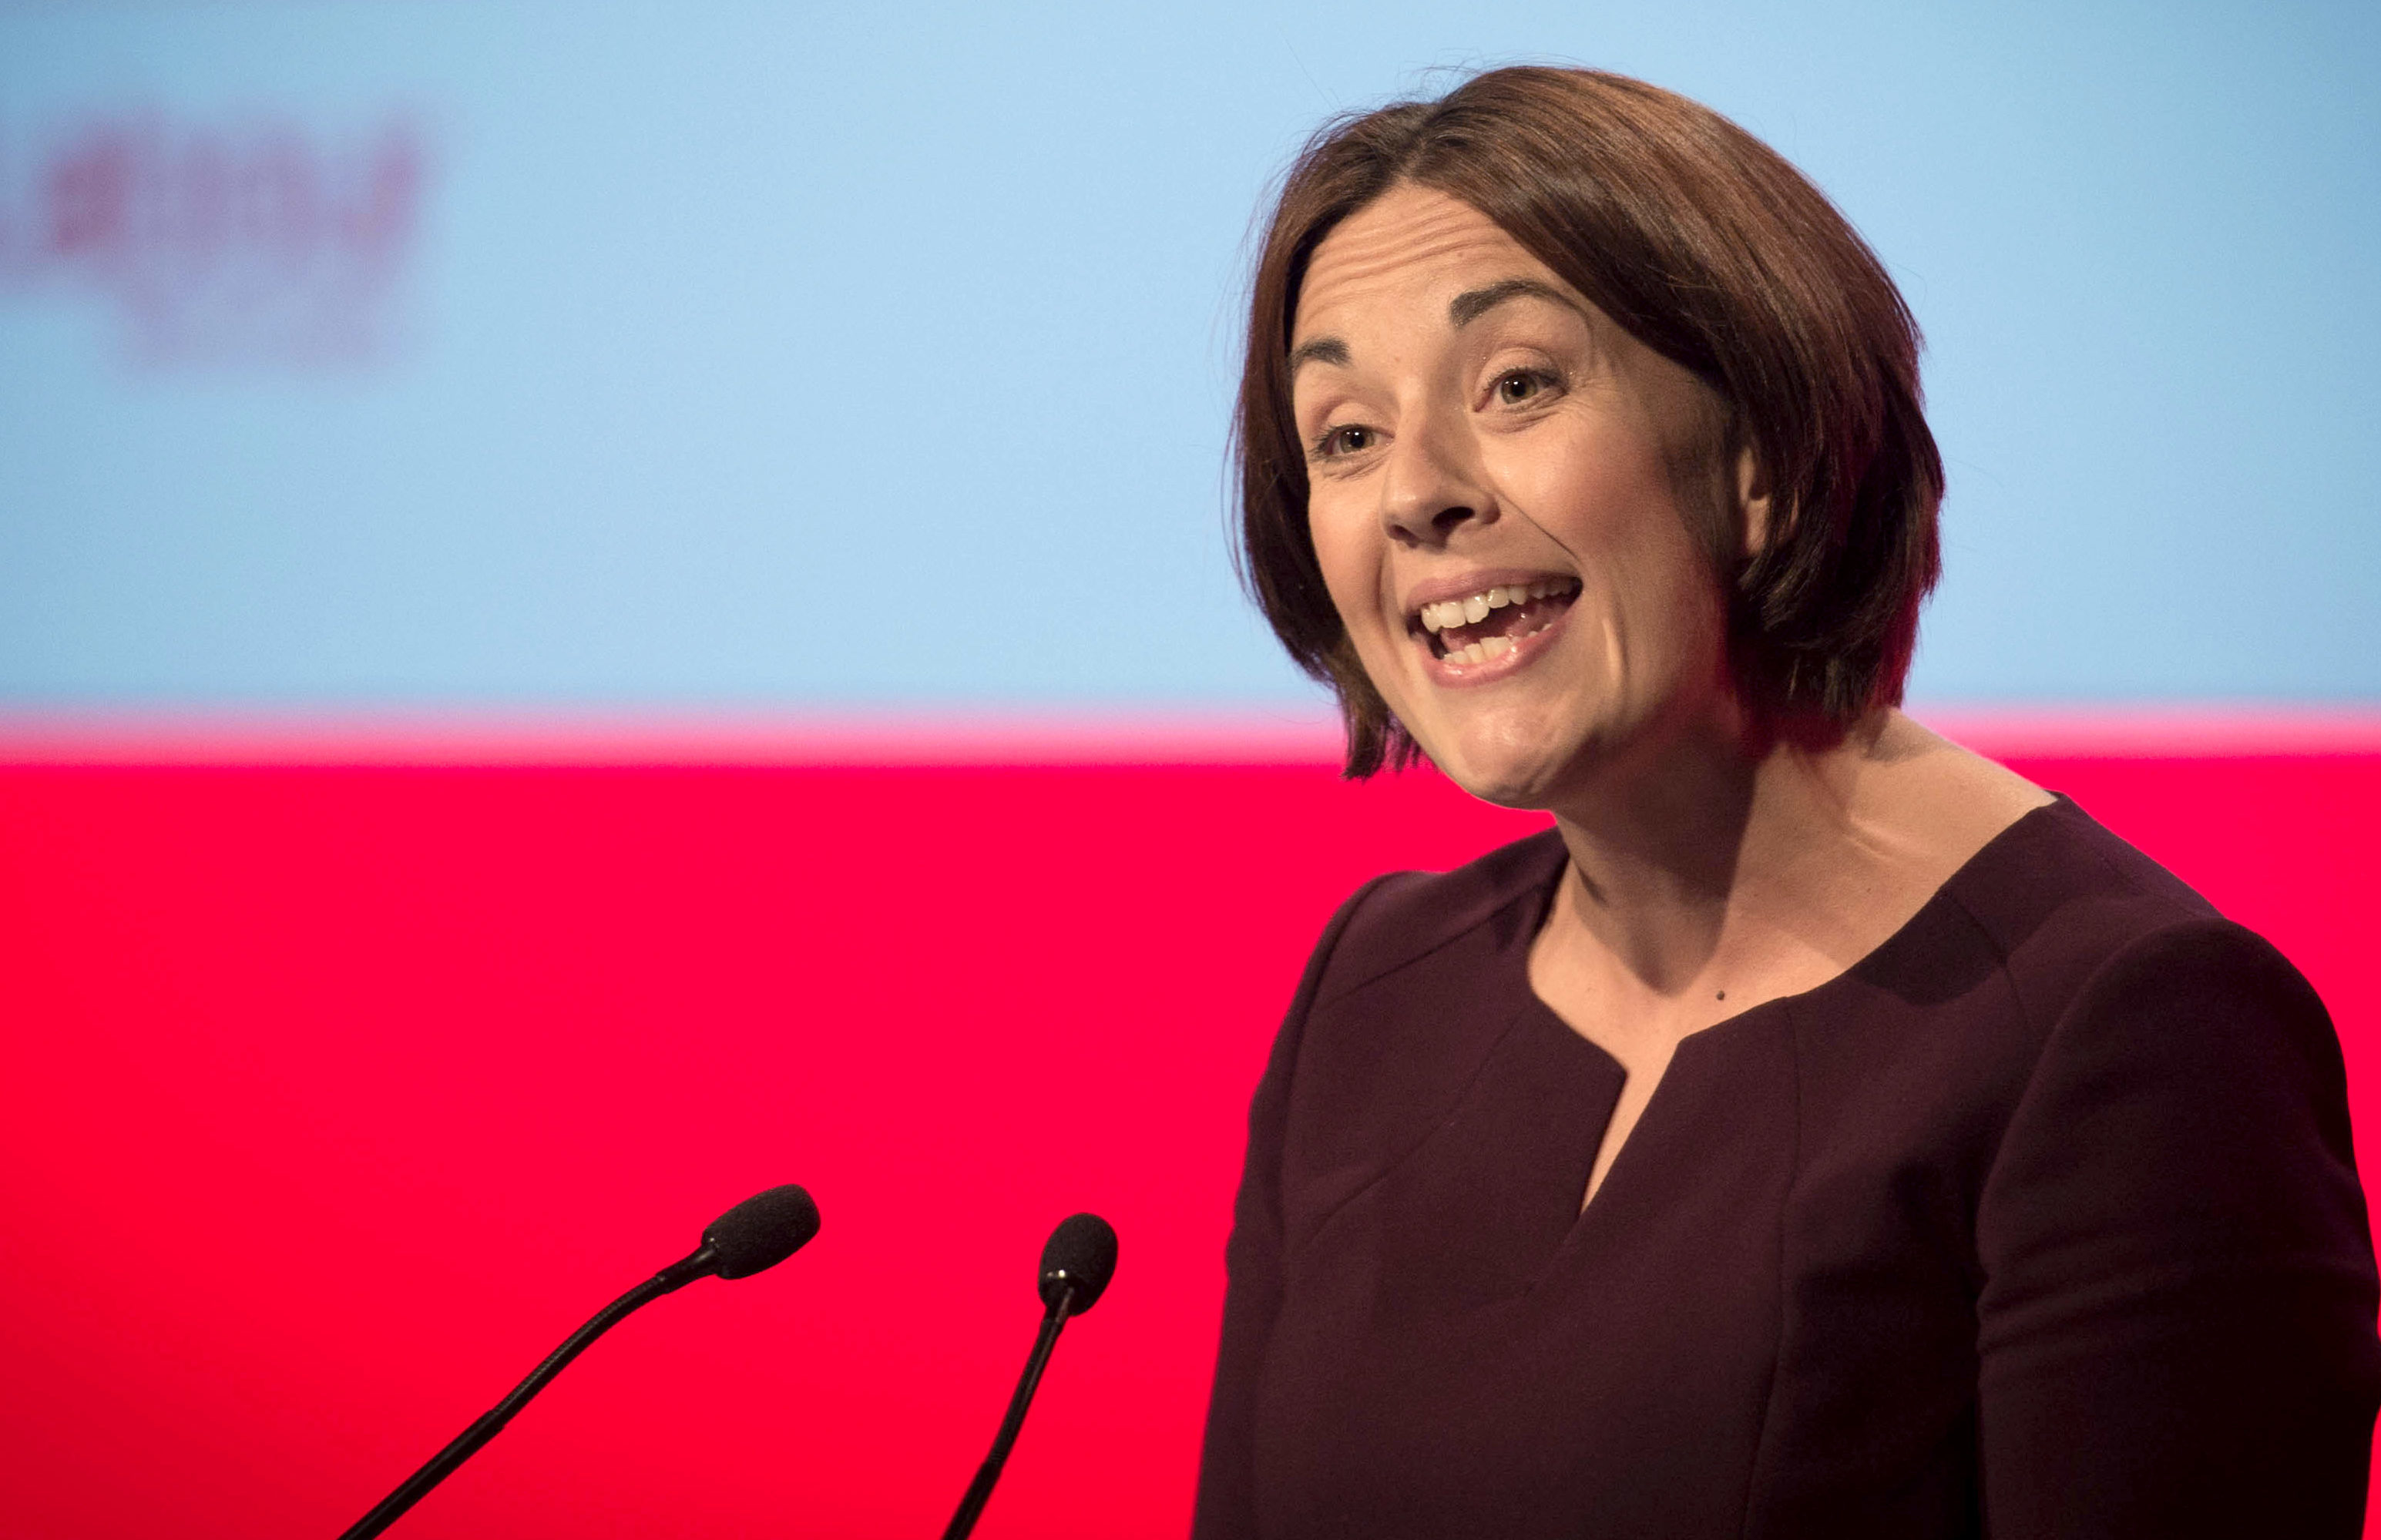 Scottish Labour's Kezia Dugdale (Stefan Rousseau - WPA Pool/Getty Images)